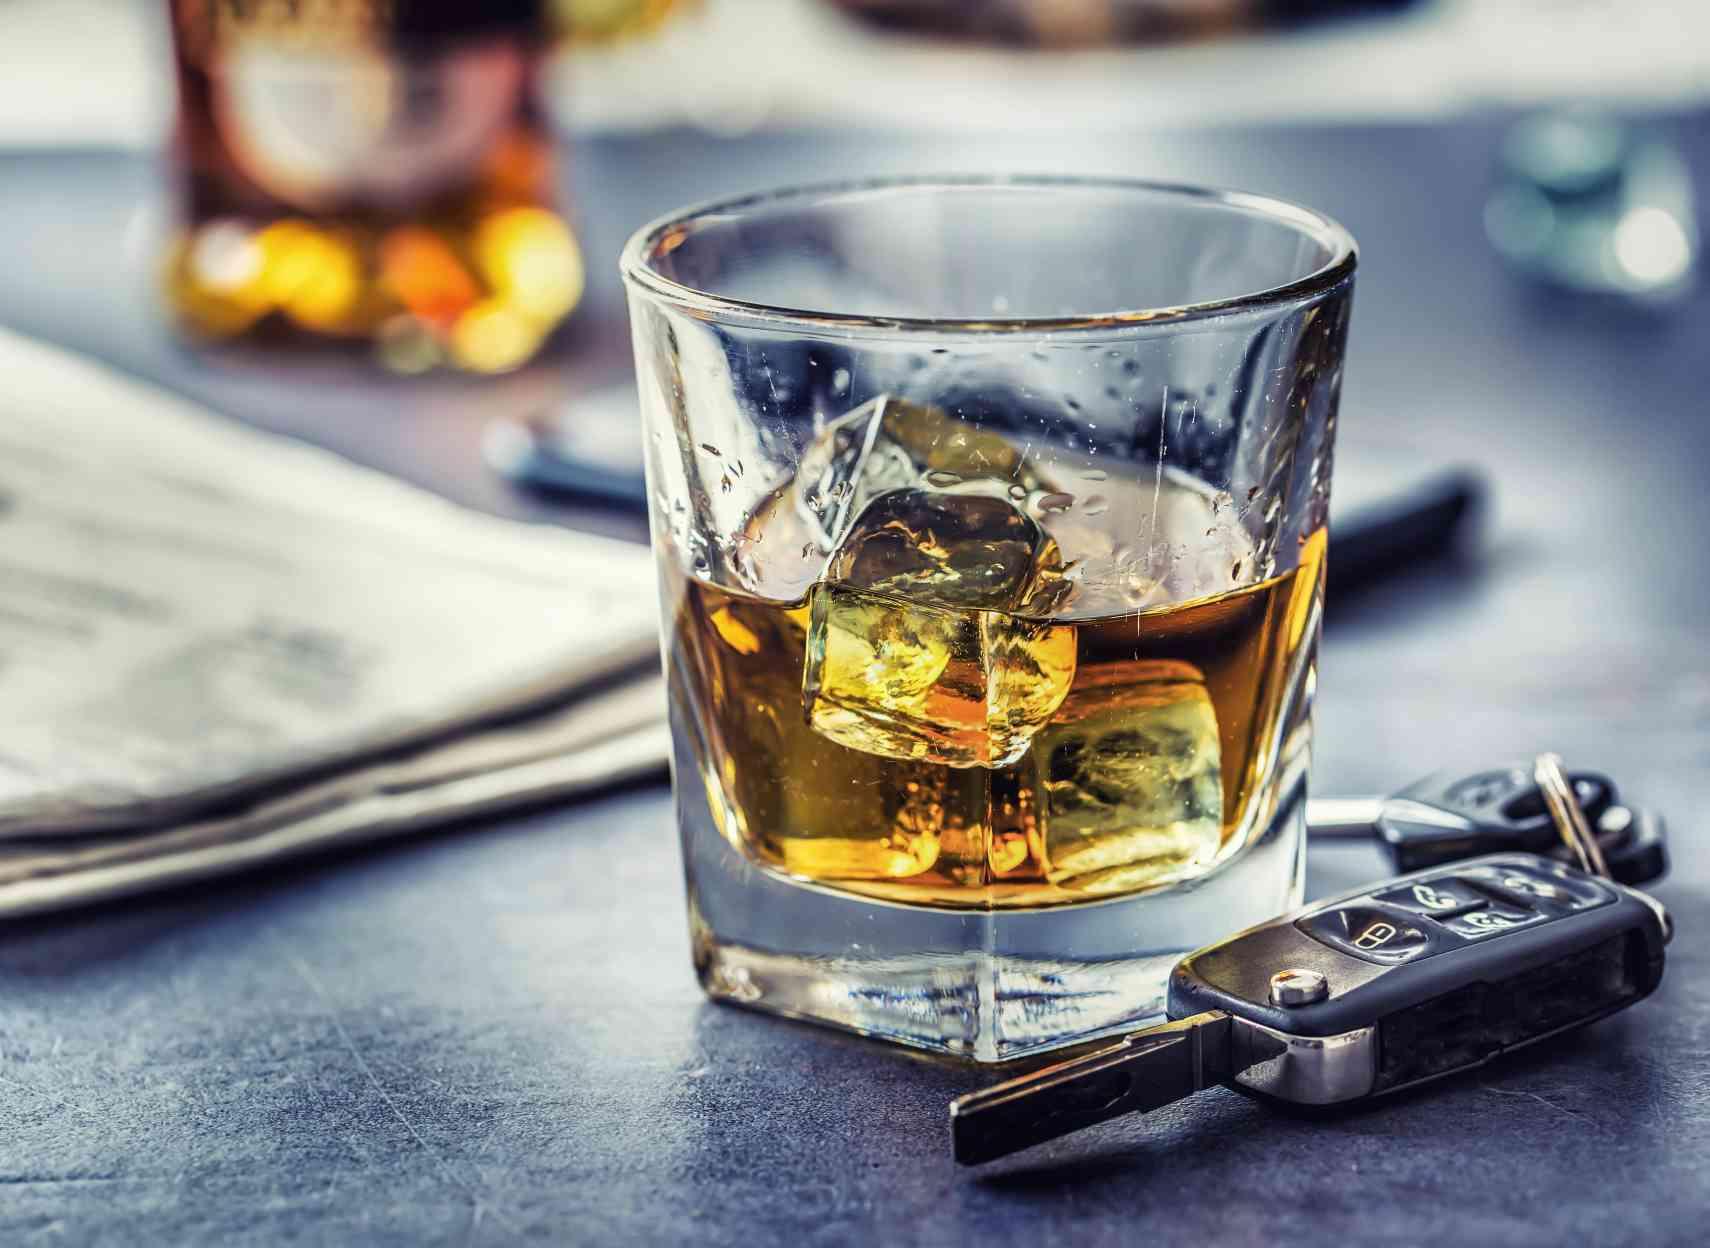 Les risques de conduire sous l'emprise de l'alcool